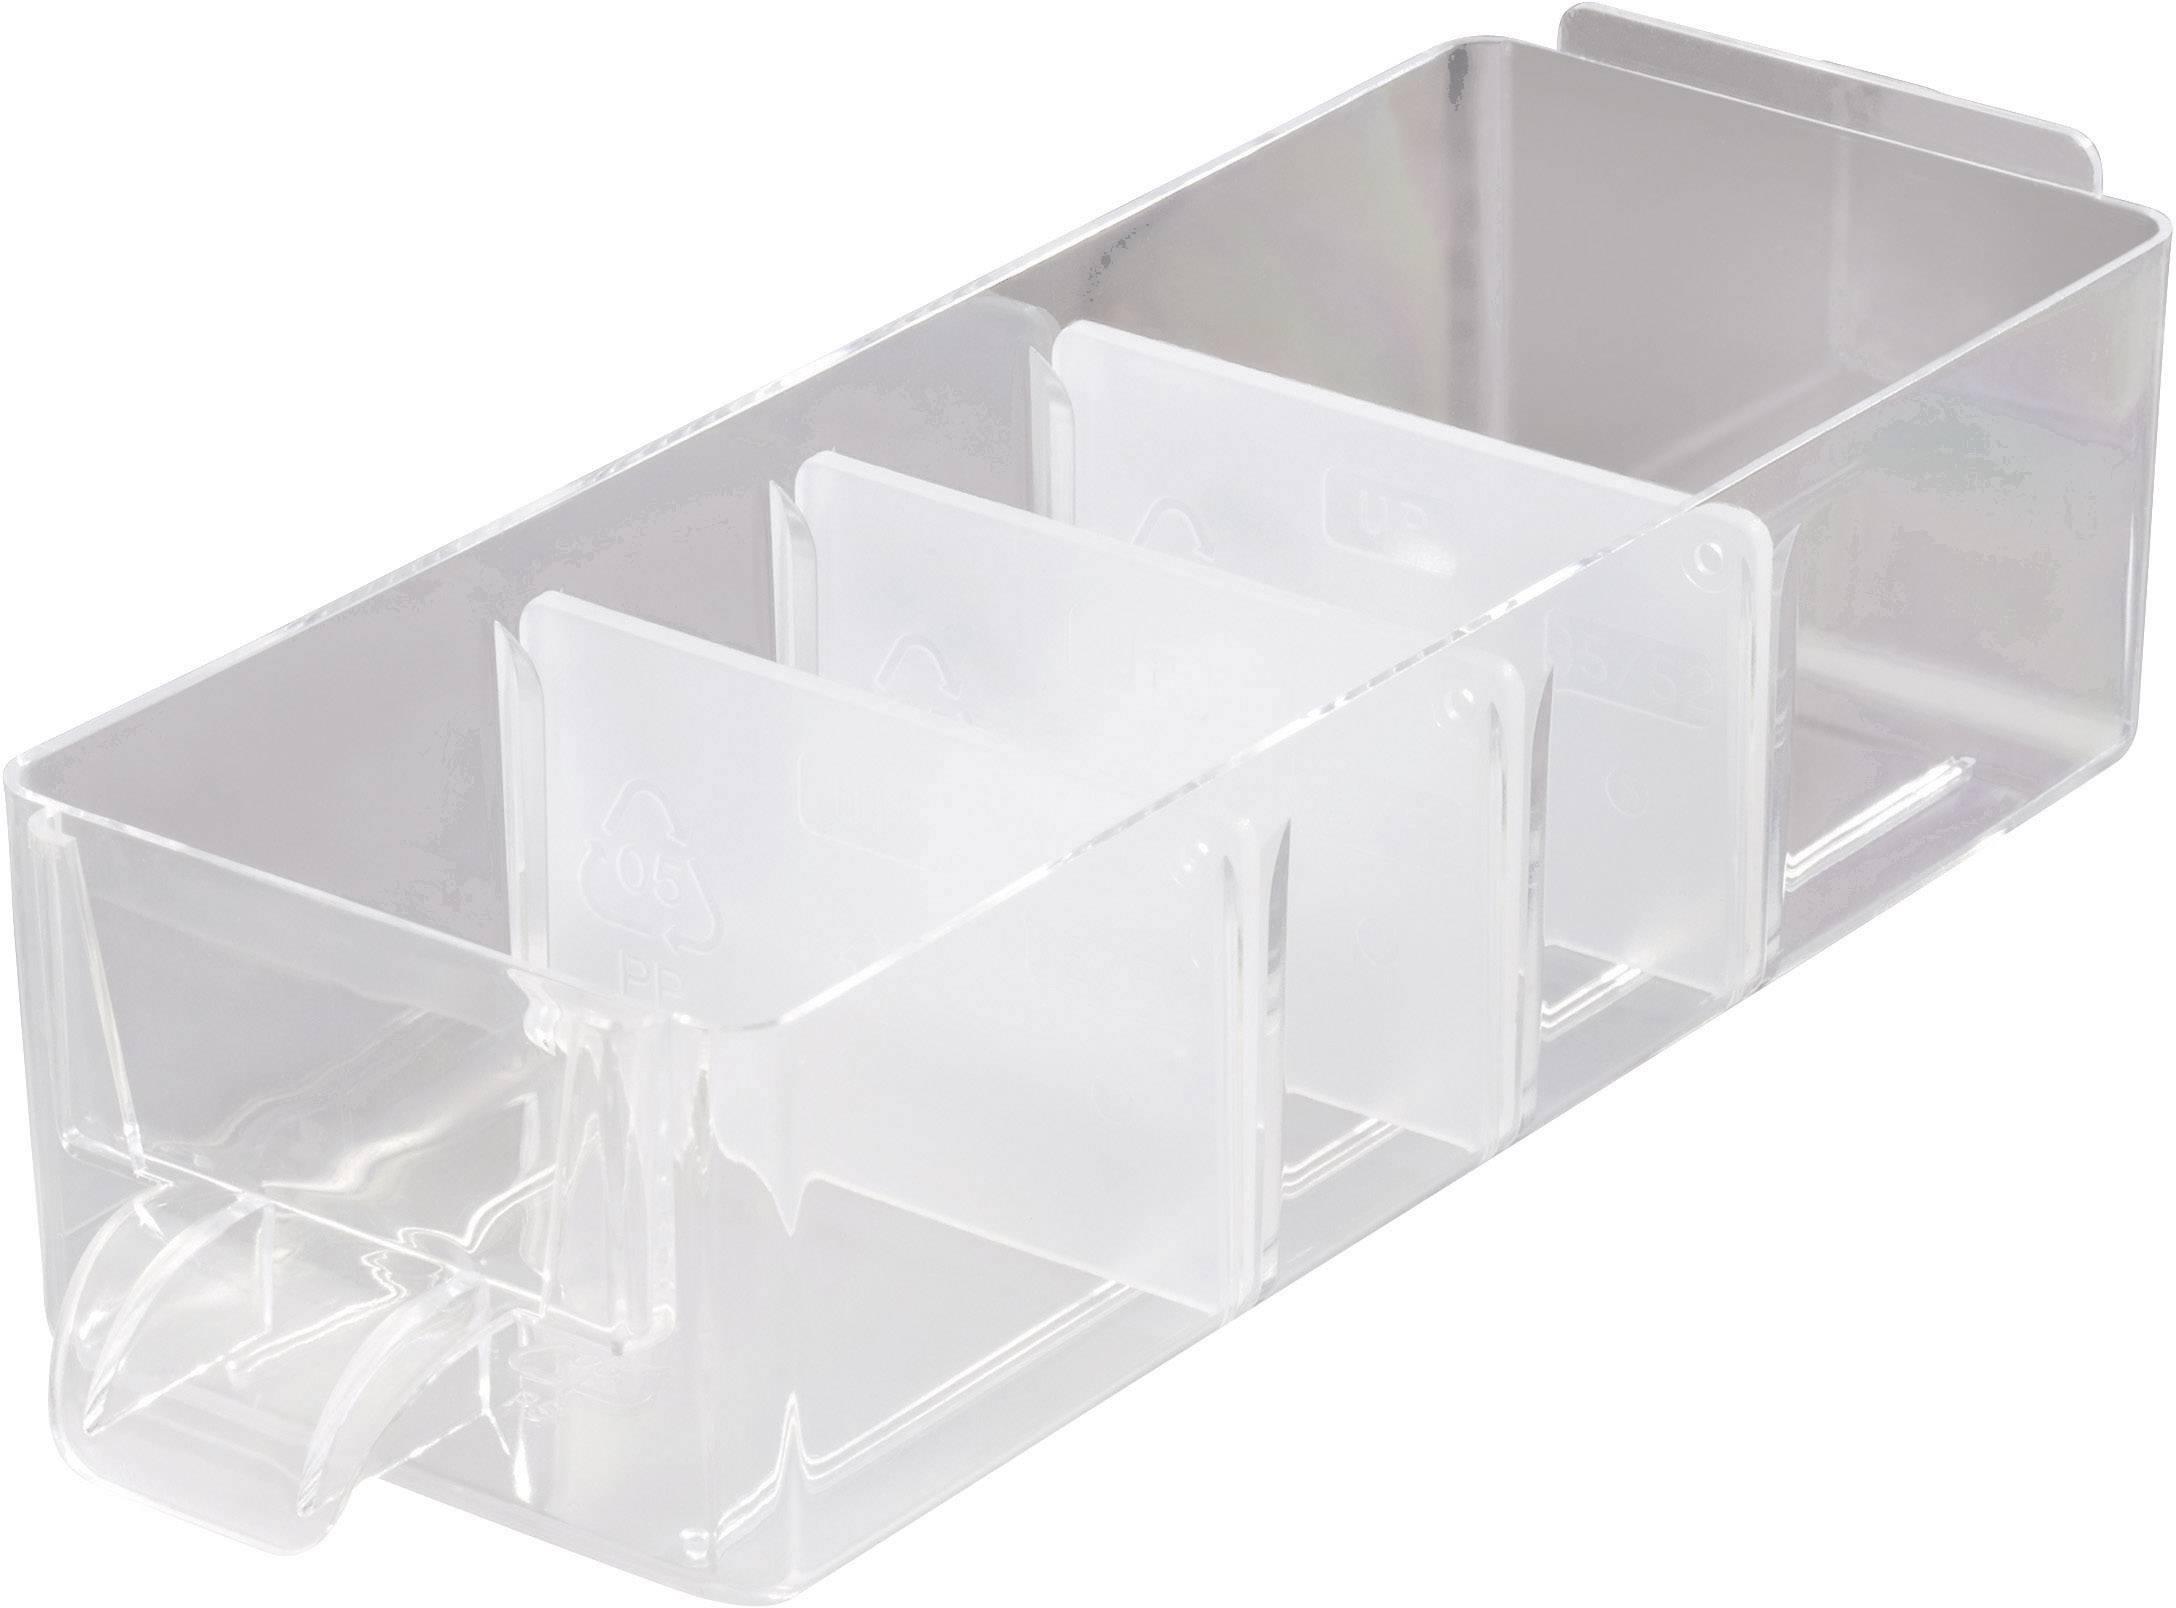 Dělicí přepážky do skříně se šuplíky, 60 ks